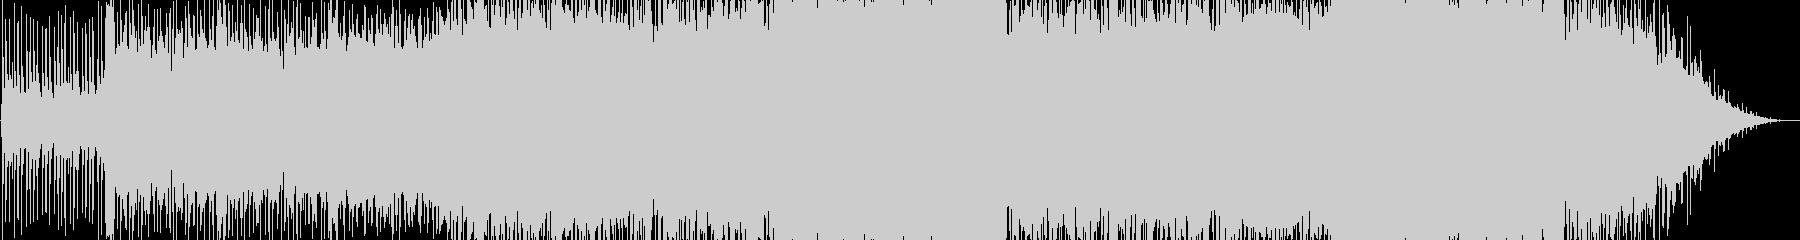 クラシカルとエレクトロの融合の未再生の波形